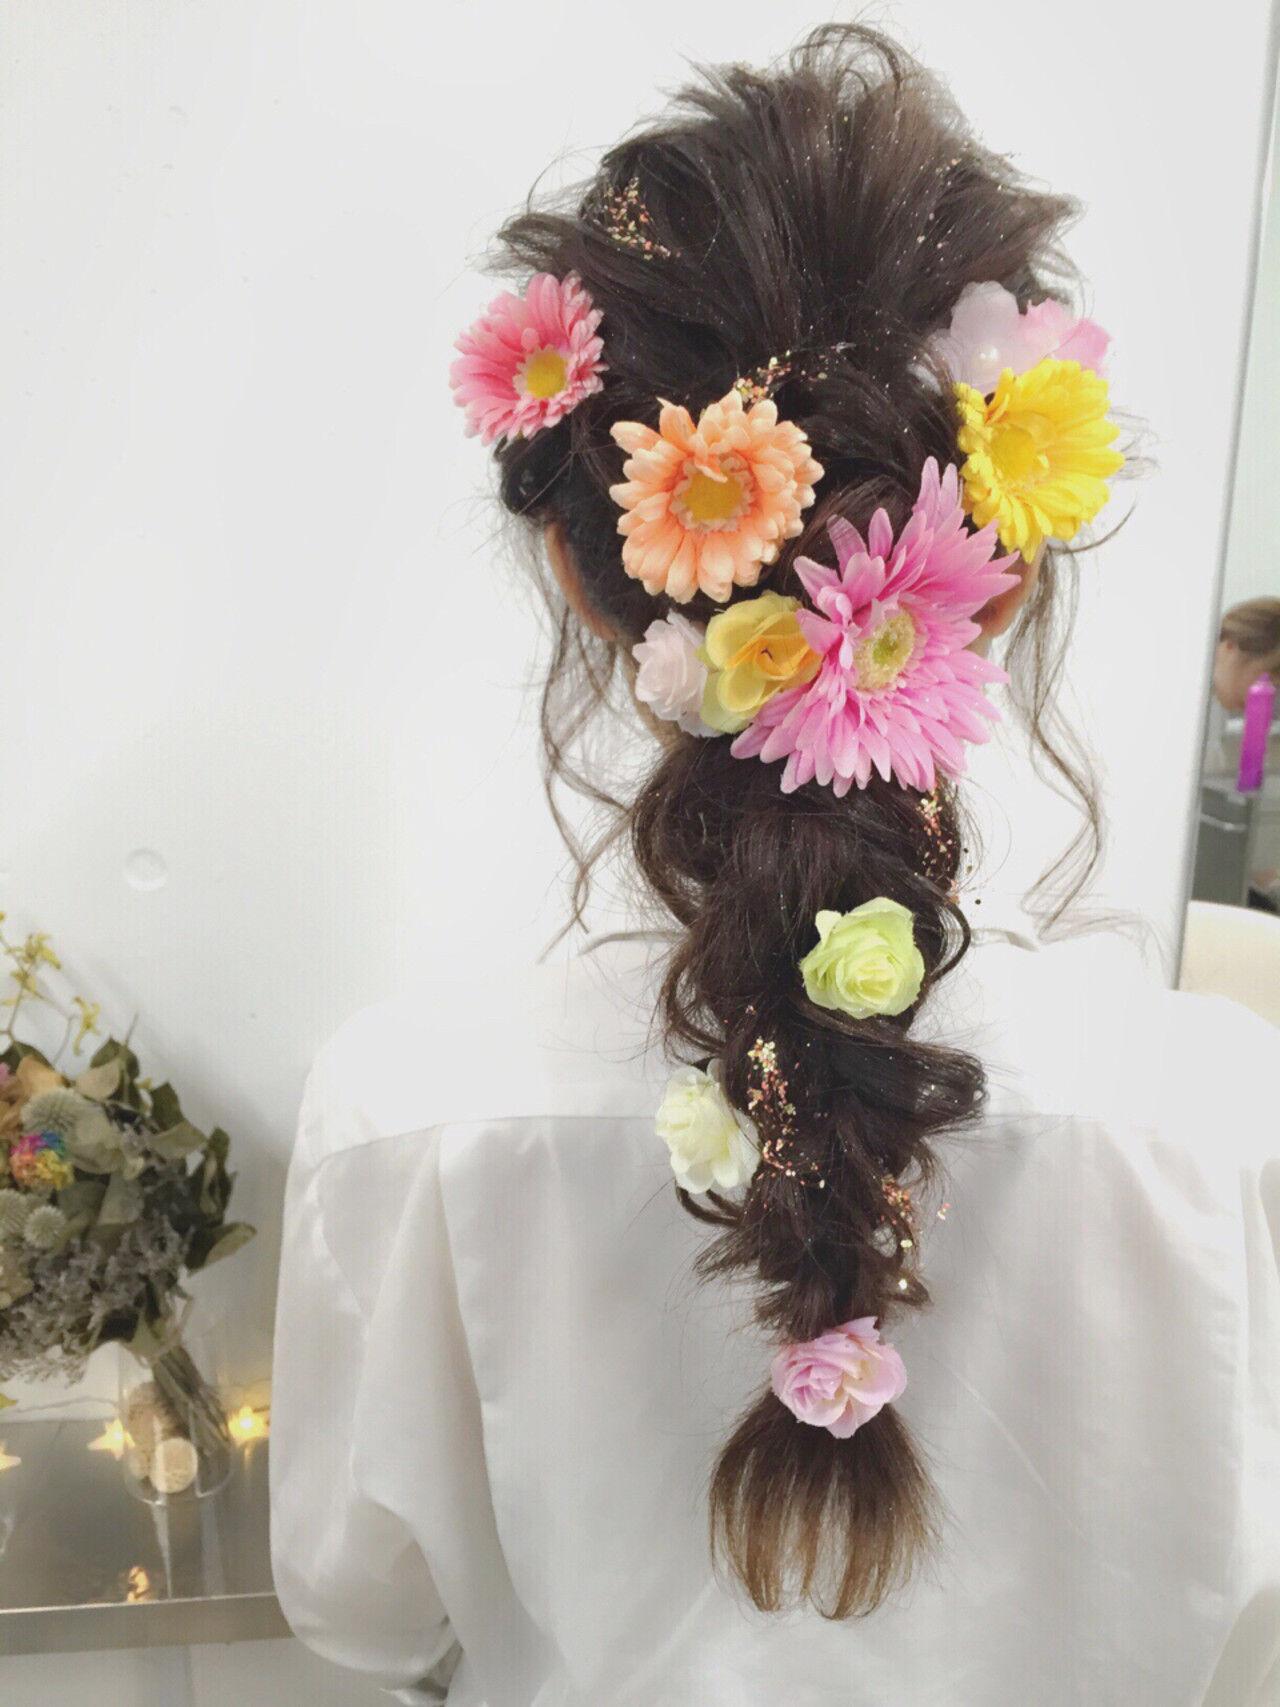 ショート 簡単ヘアアレンジ ハーフアップ ゆるふわヘアスタイルや髪型の写真・画像